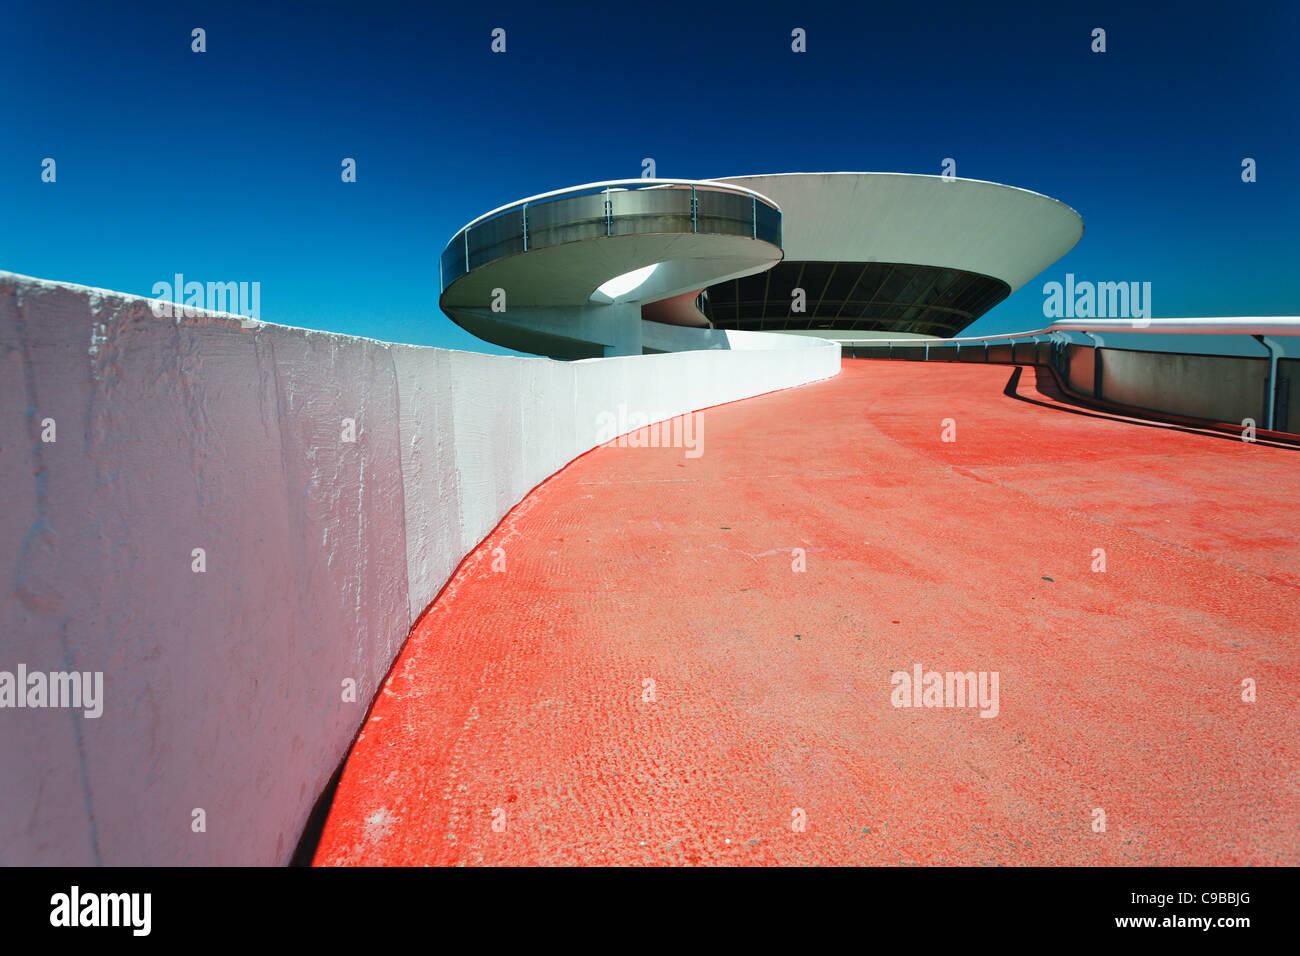 Angolo basso in prospettiva di una forma circolare edificio moderno, il Museo di Arte Contemporanea, Niteroi, Brasile Immagini Stock